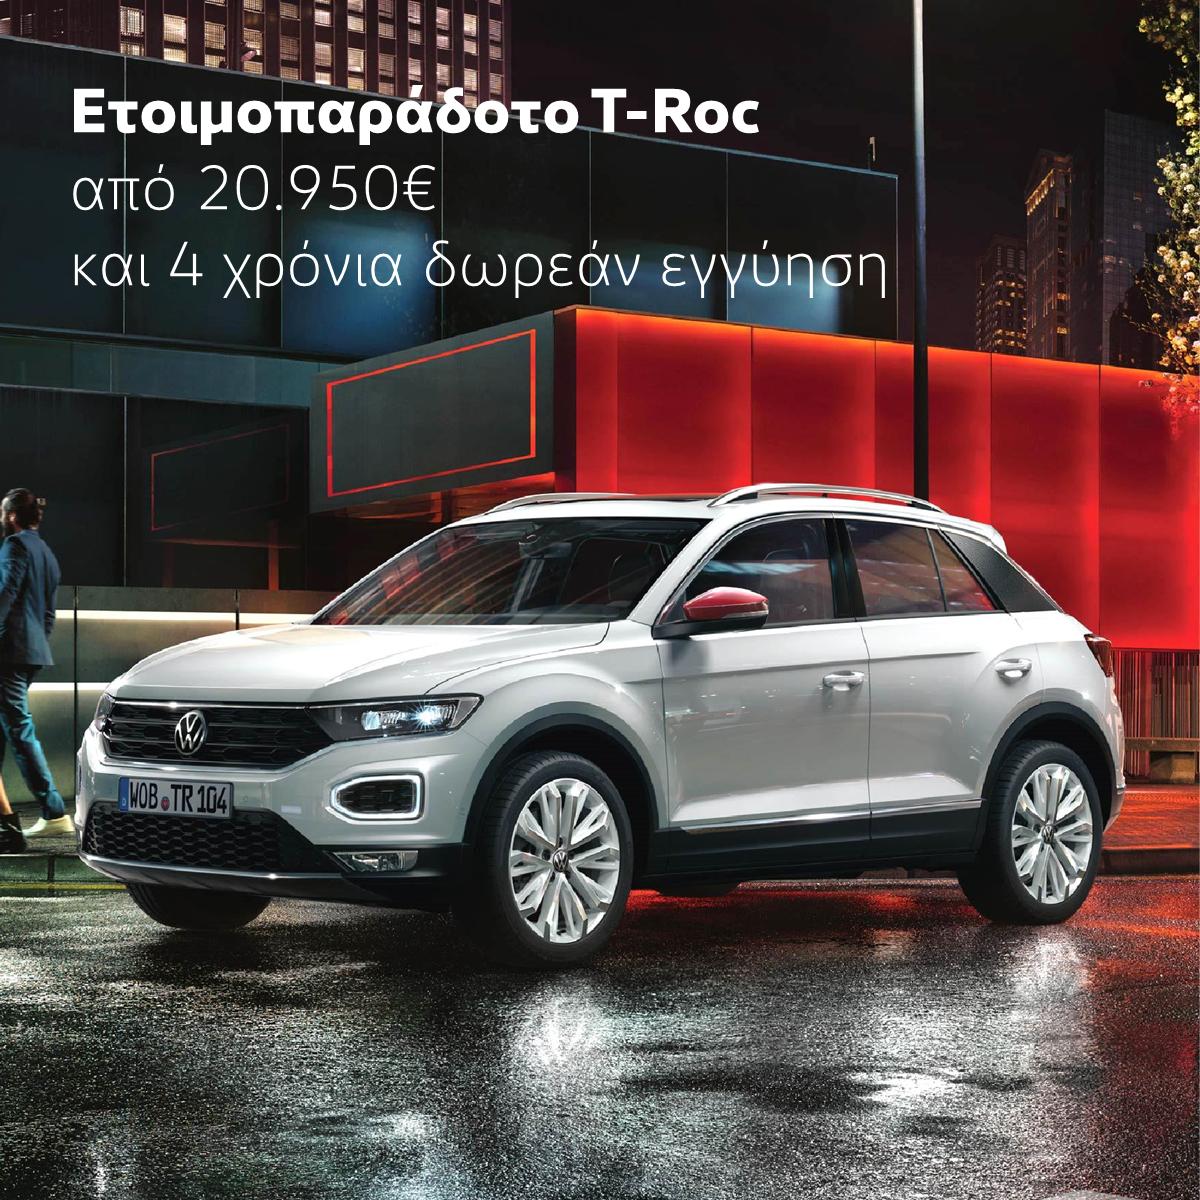 Νέα Προσφορά Volkswagen T-Roc Σεπτέμβριος 2021